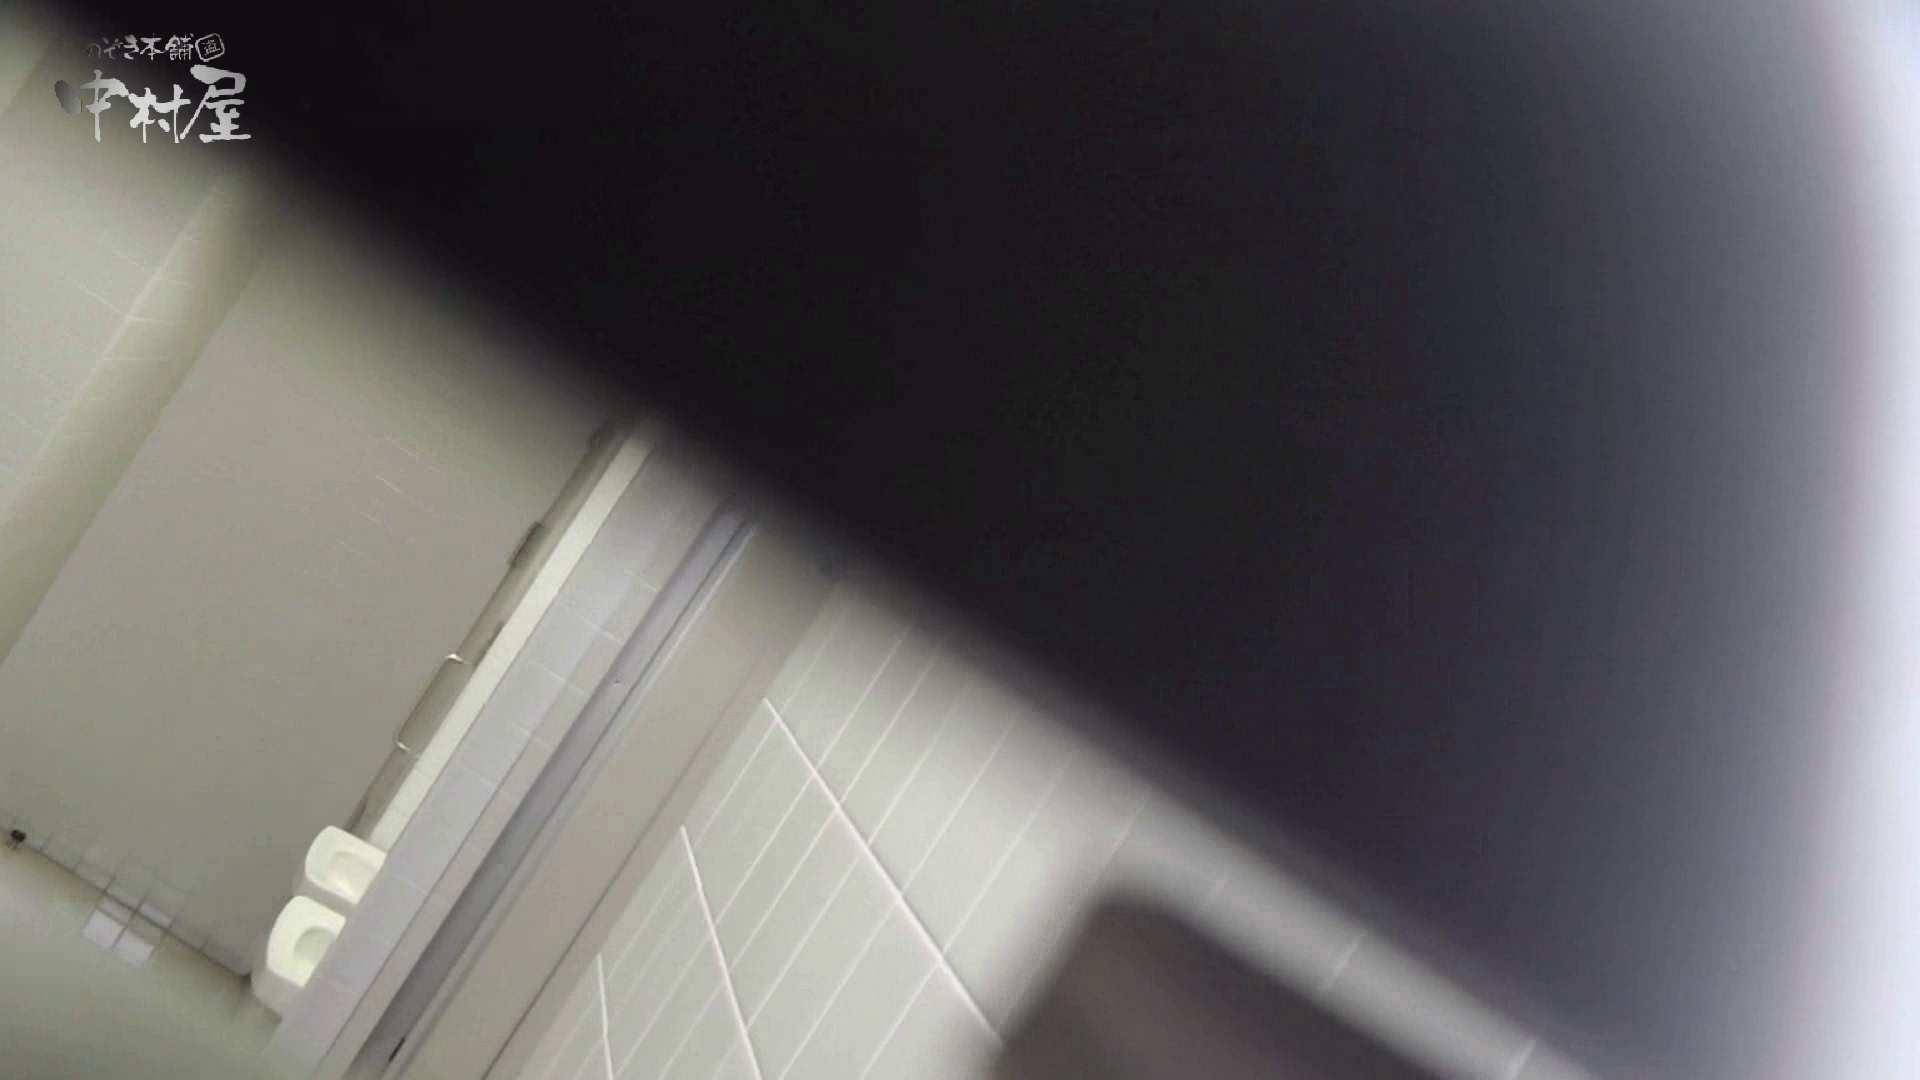 洗面所突入レポート!!vol.11 洗面所突入 オマンコ無修正動画無料 83pic 75